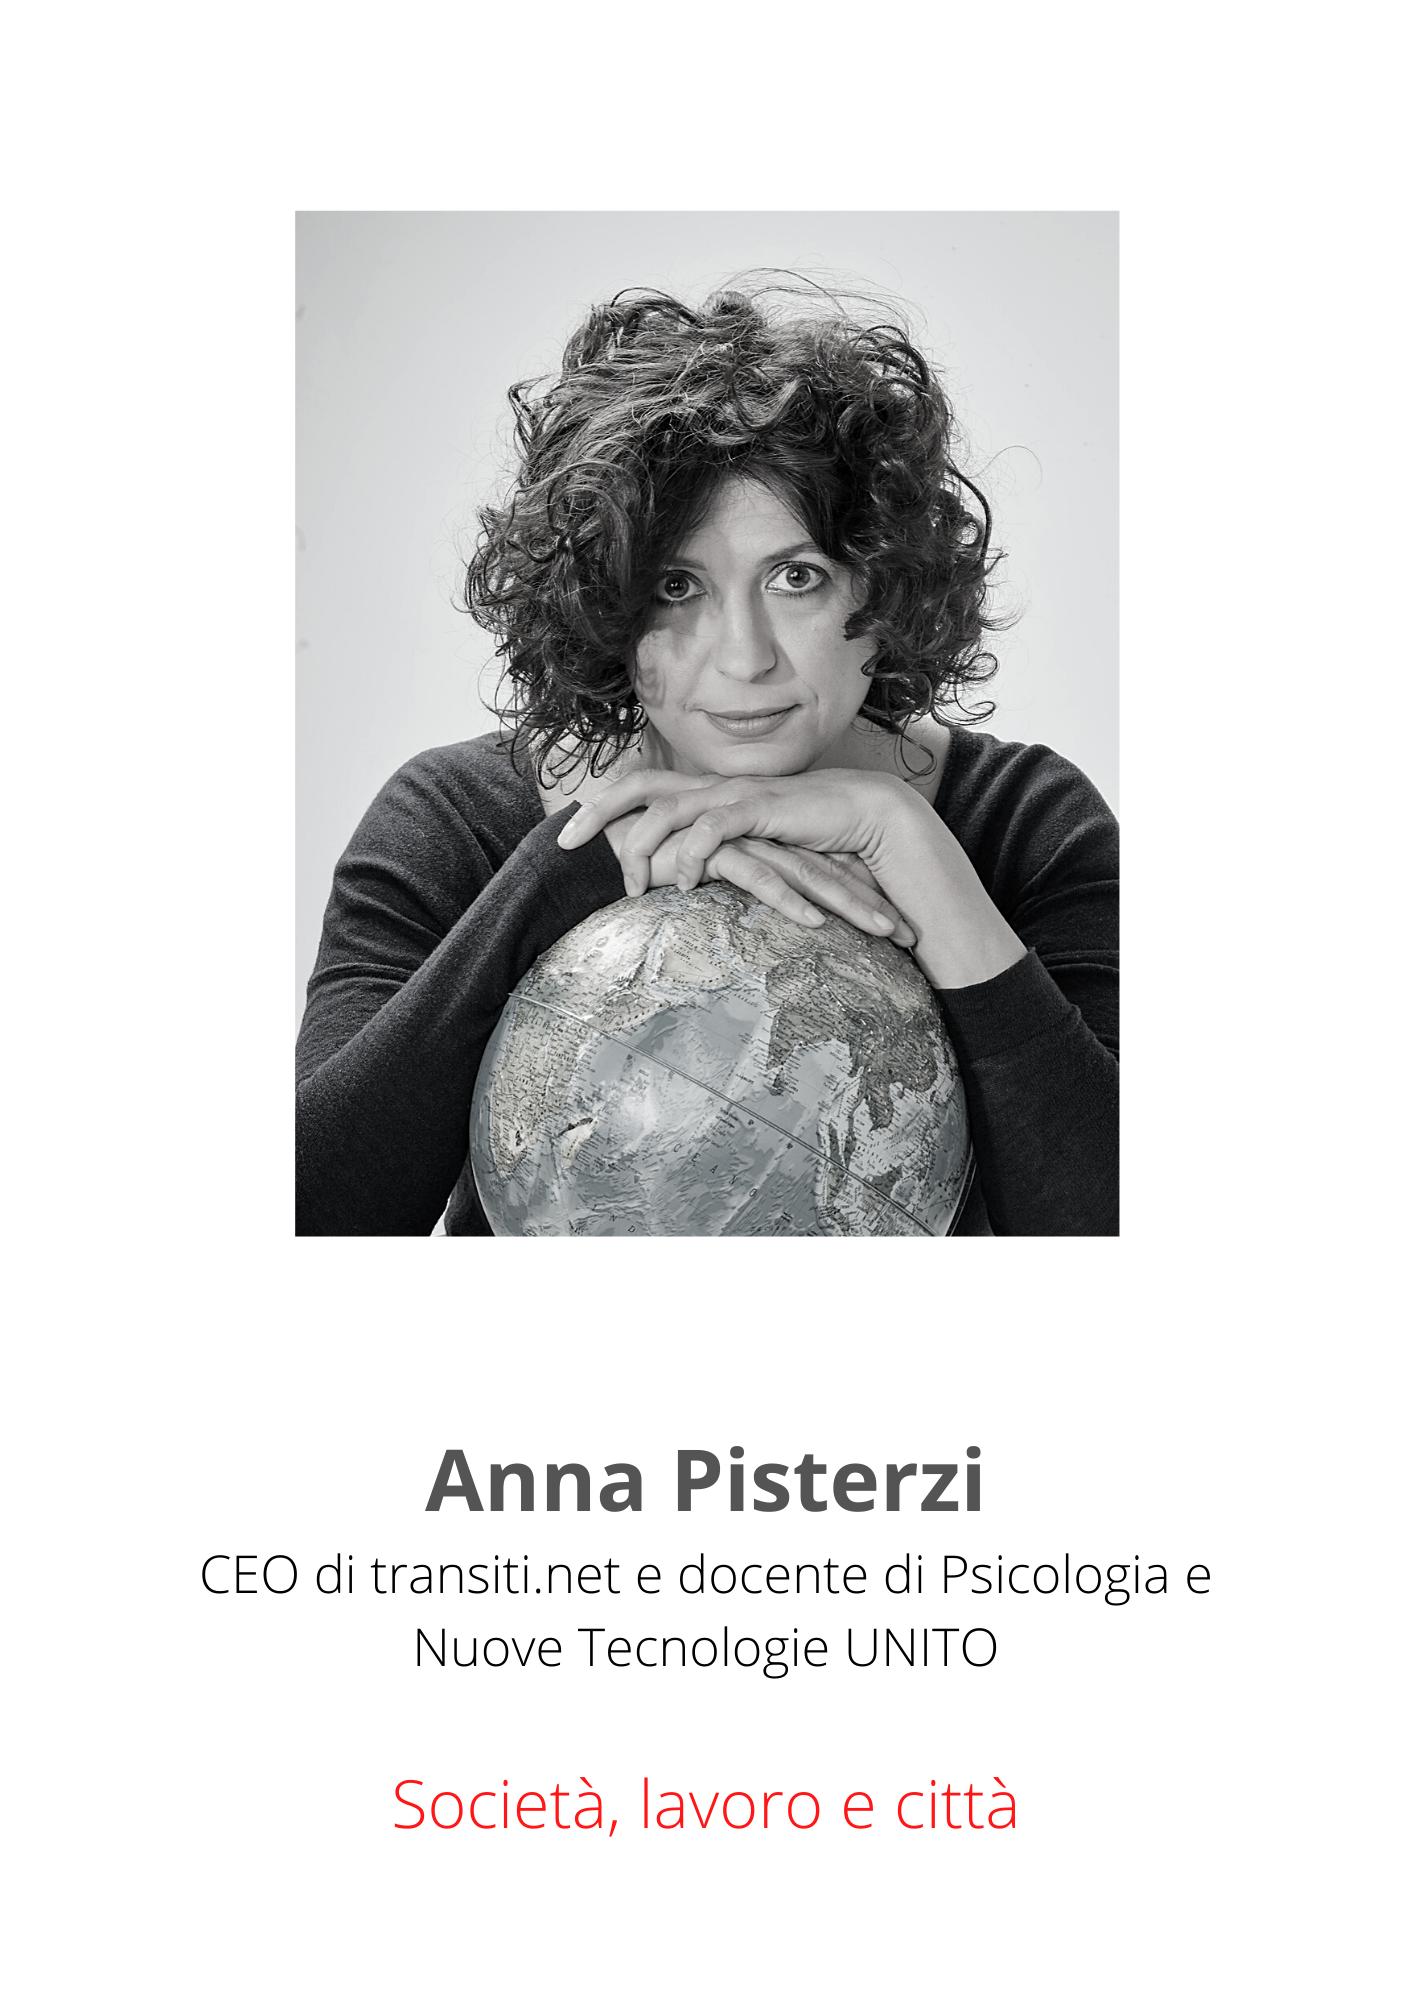 Anna Pisterzi